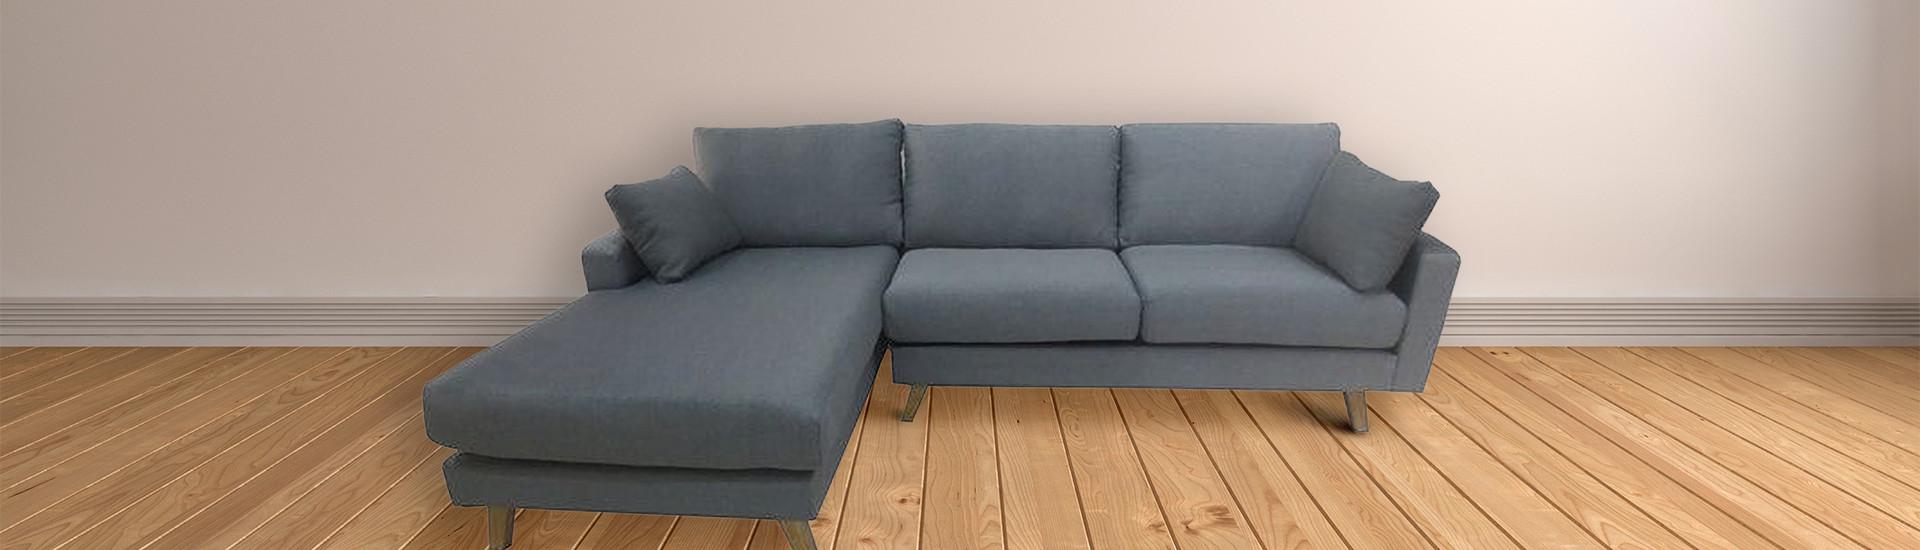 €694 για γωνιακό καναπέ της Craftenwood